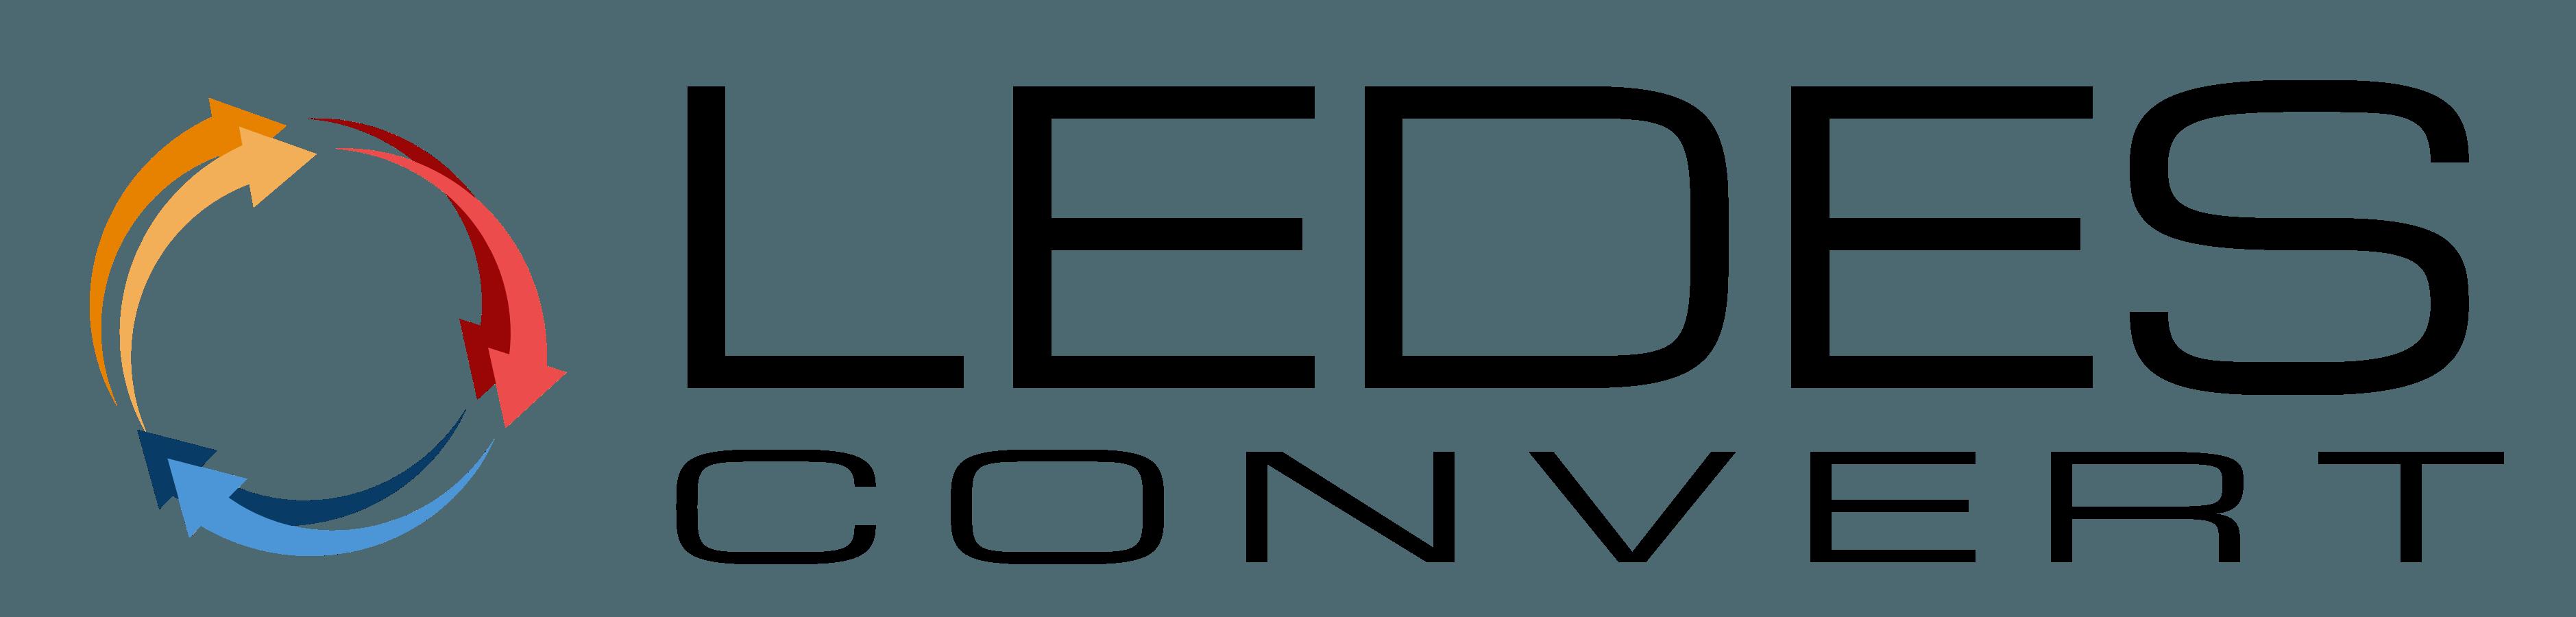 Ledes Format | Ledes File Converter | Ledes